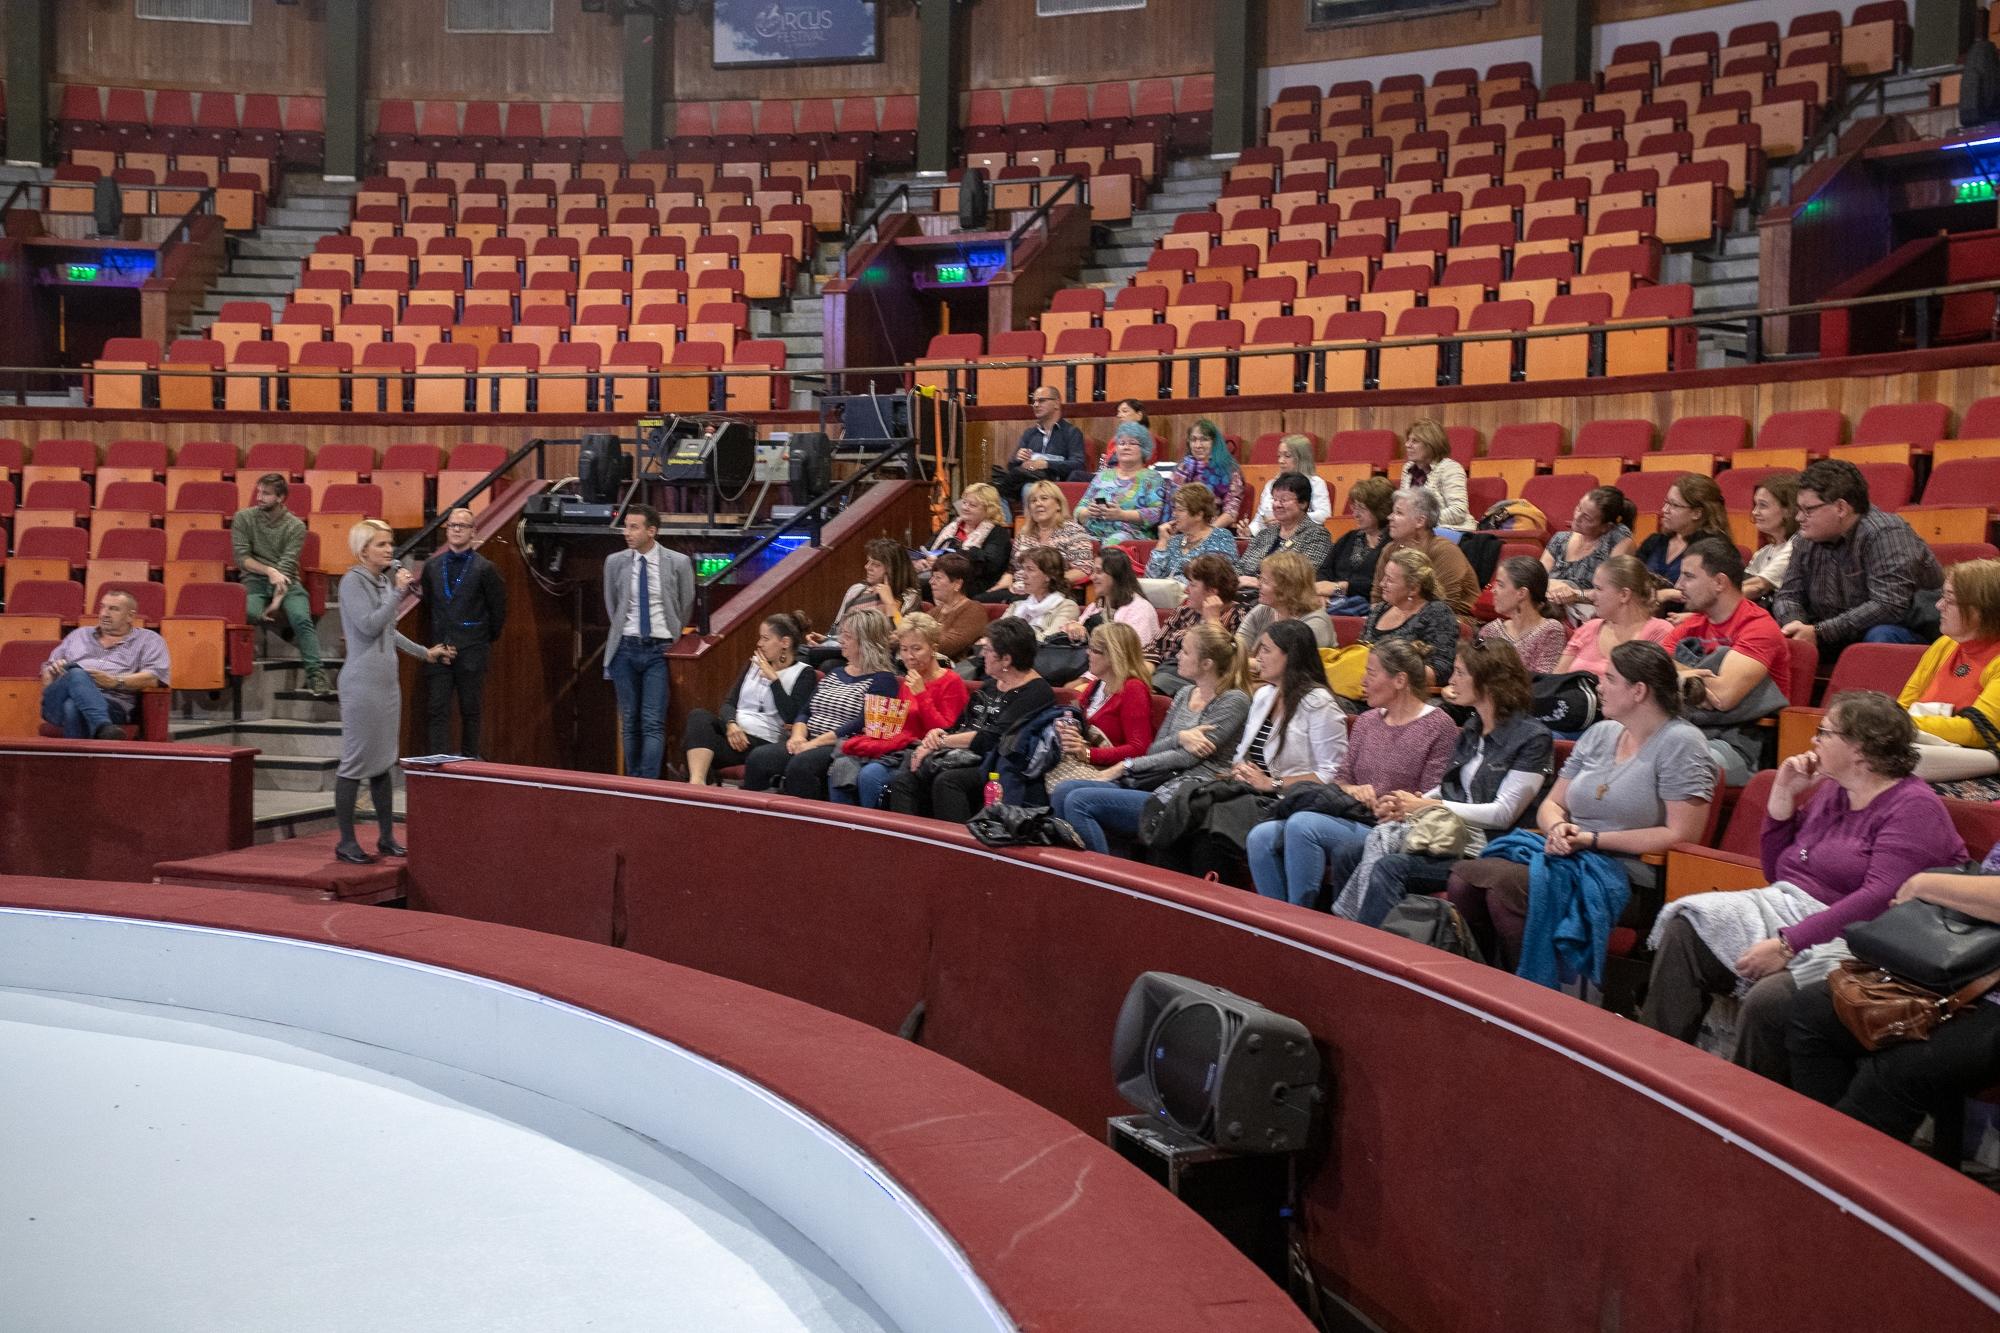 Pedagógus díszbemutatót tartottak a Fővárosi Nagycirkuszban